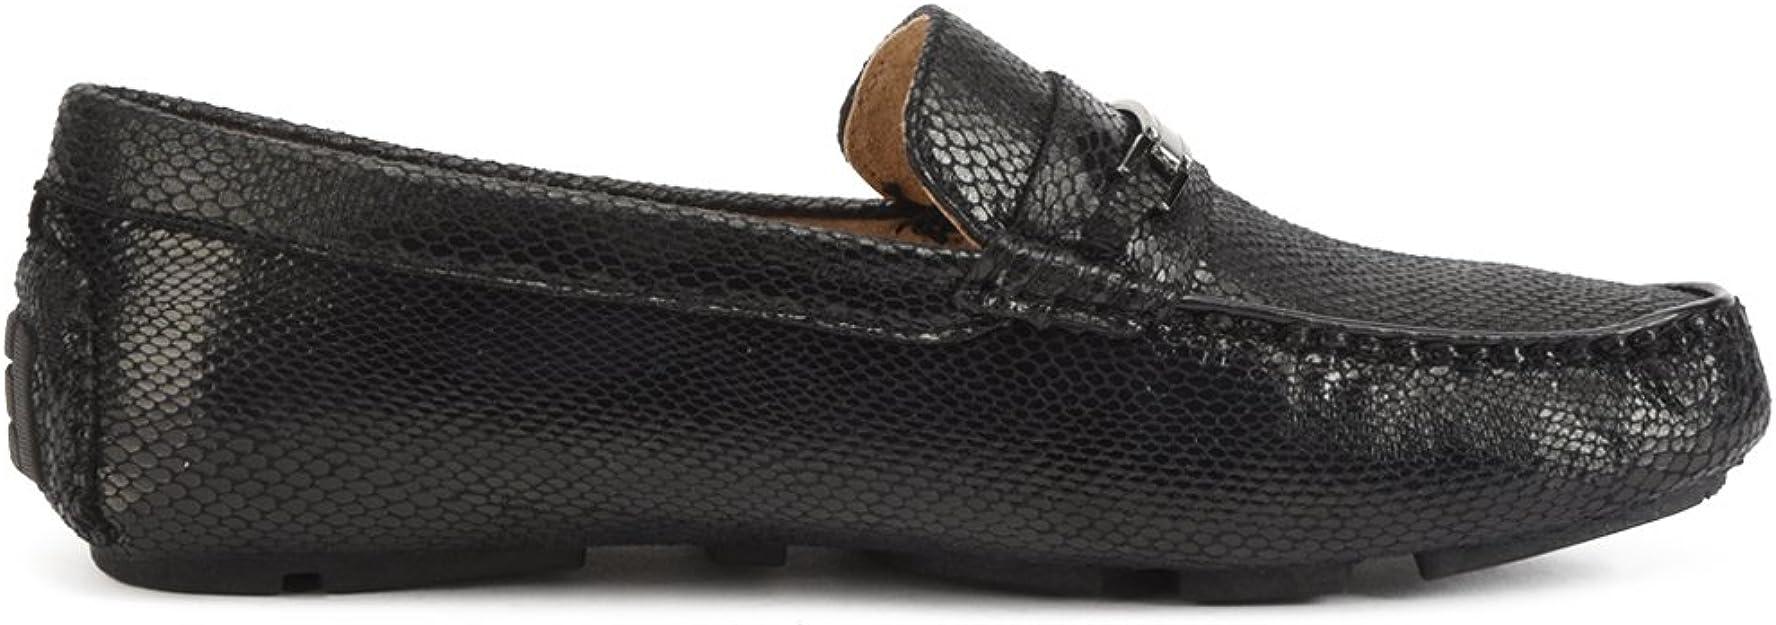 Reservoir Shoes Mocasines de Punta Cuadrada Hombre